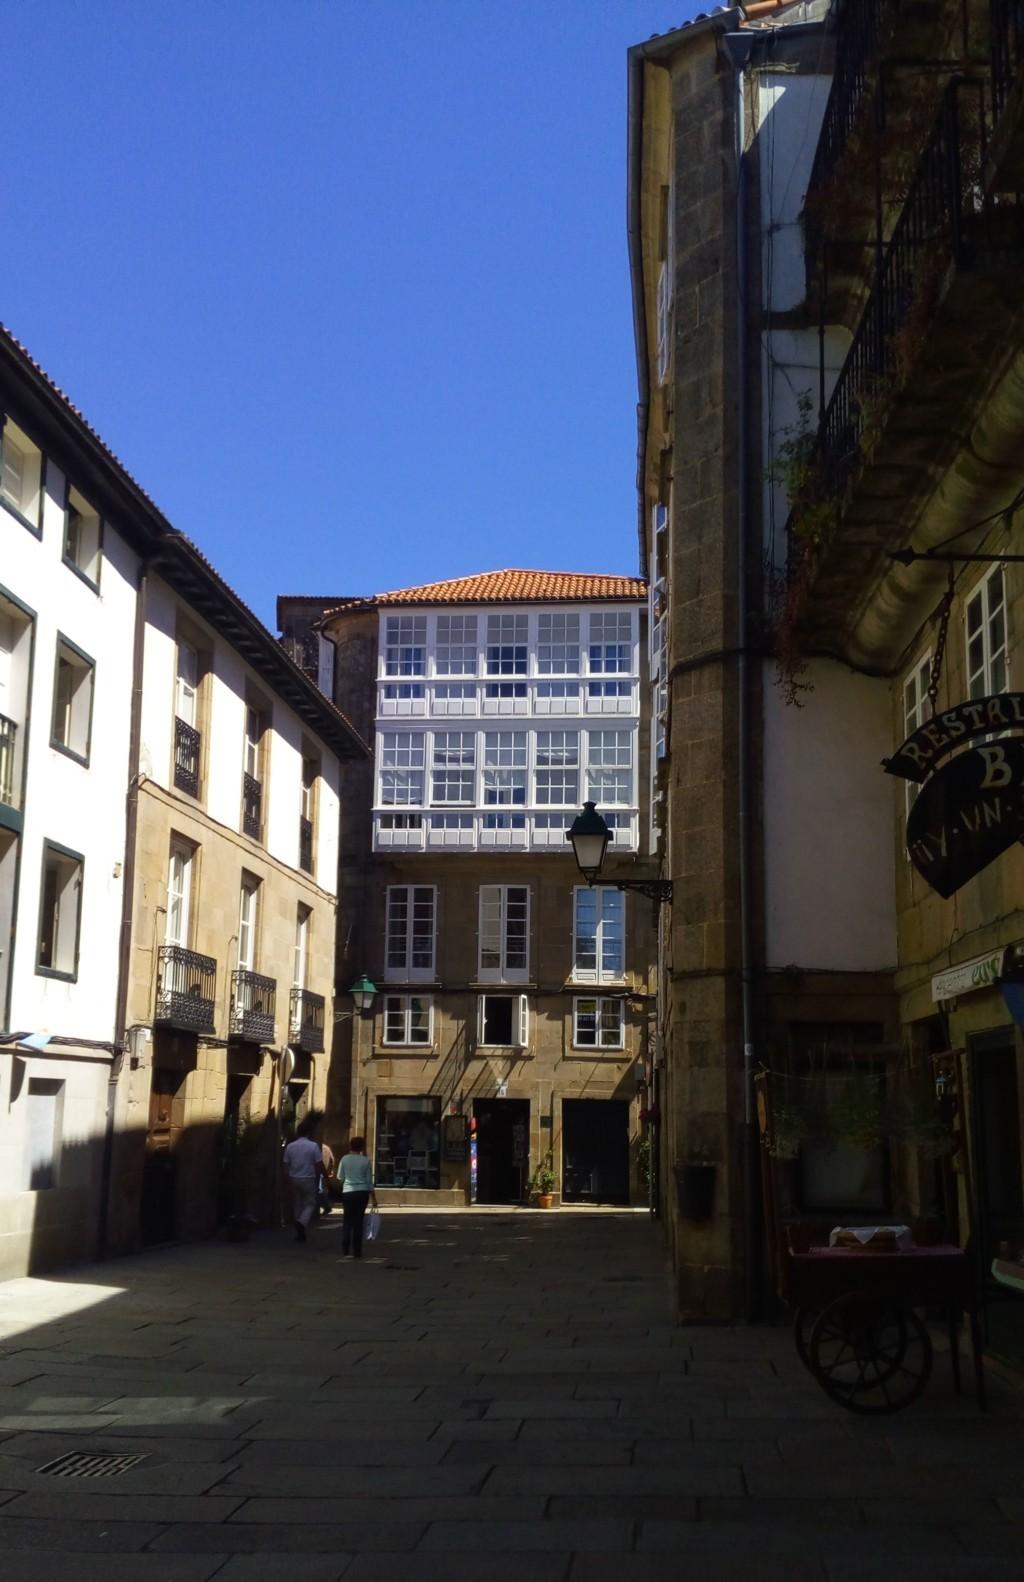 Foto 12 - llegando a la Rúa de Xelmirez